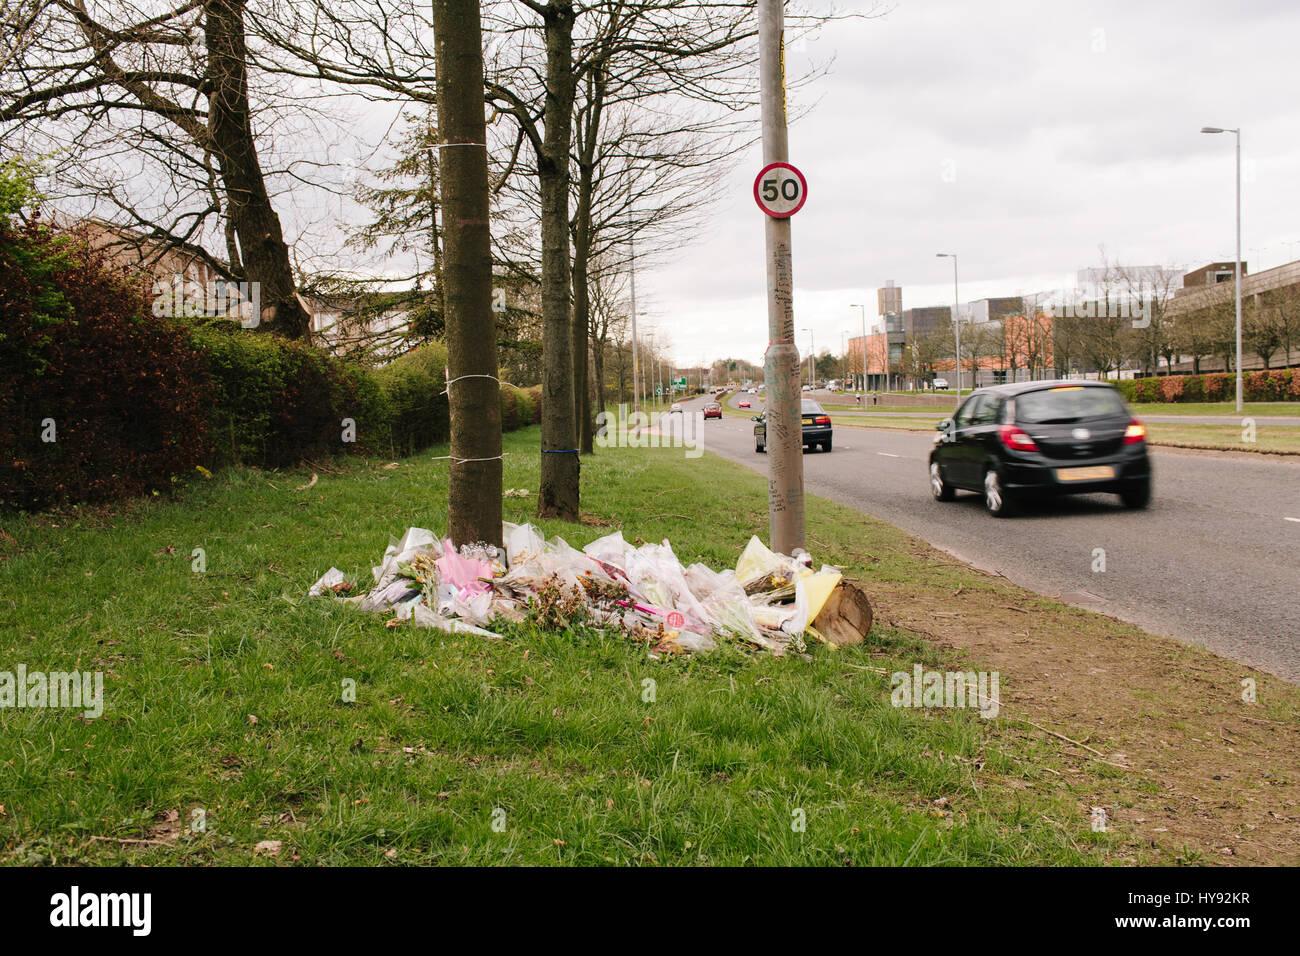 c9f38ae5fc Strada omaggio ai teenager di East Kilbride. Immagini Stock